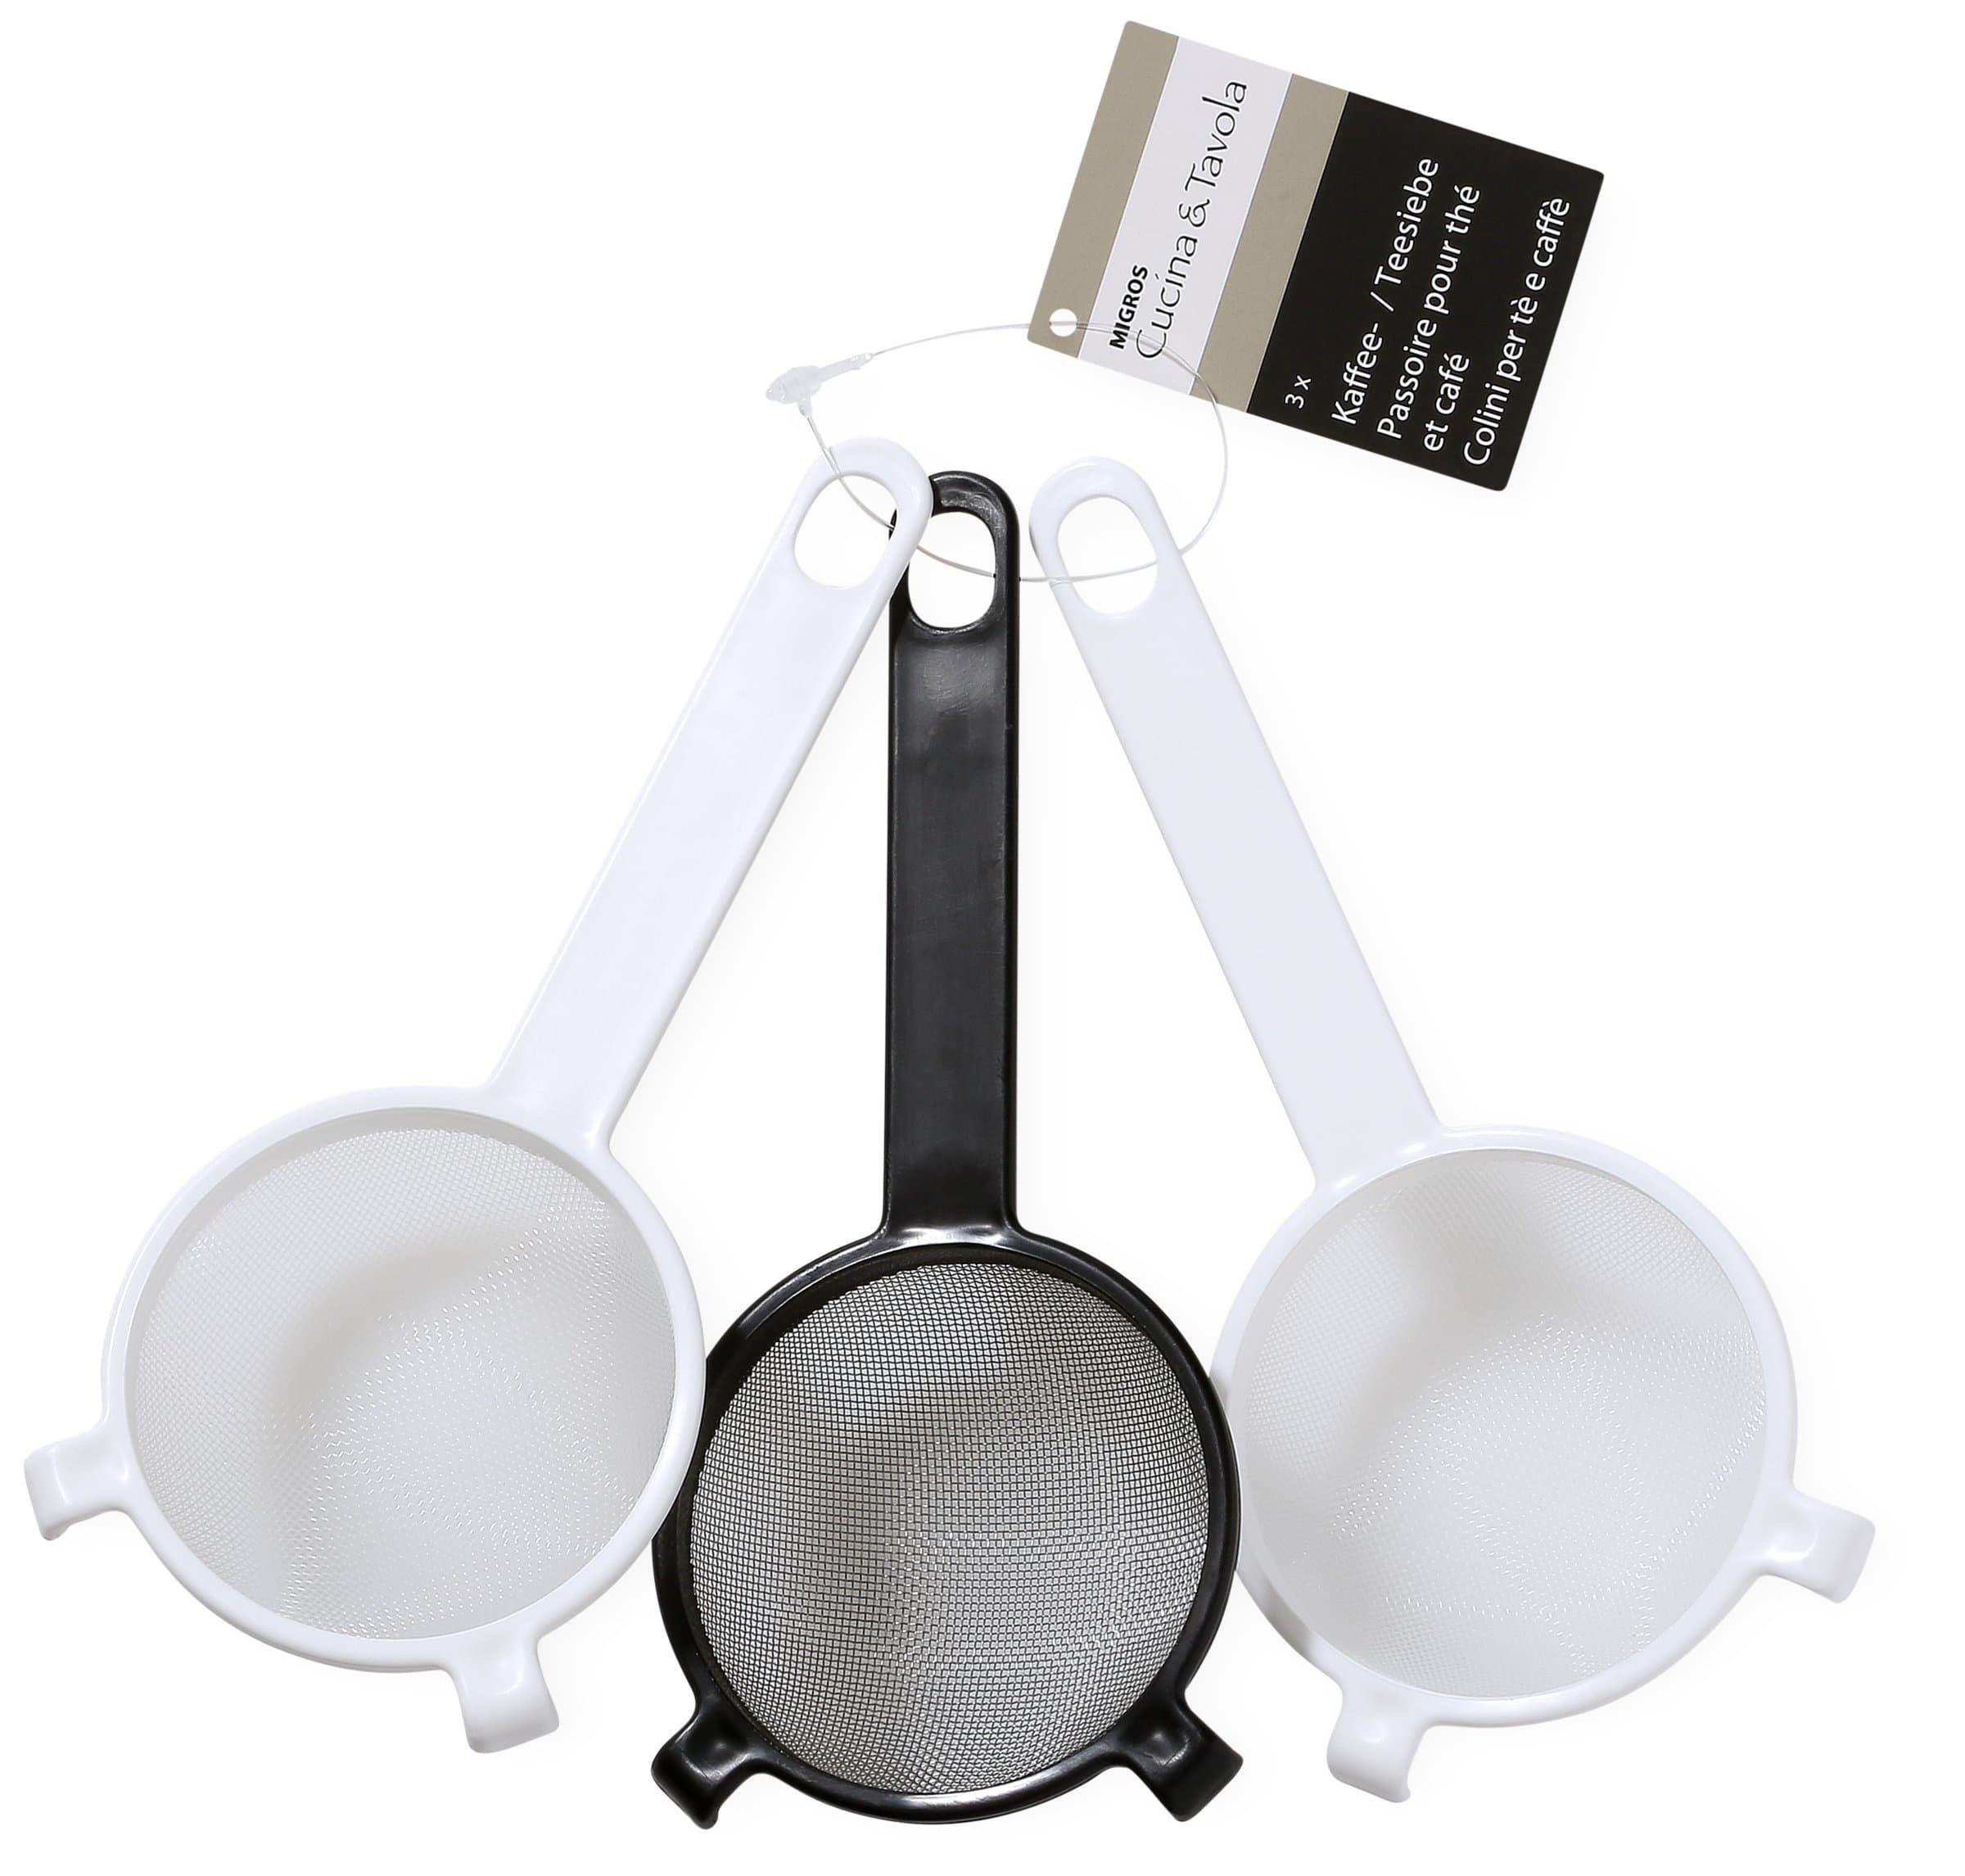 Cucina & Tavola Kaffee- Teesiebe